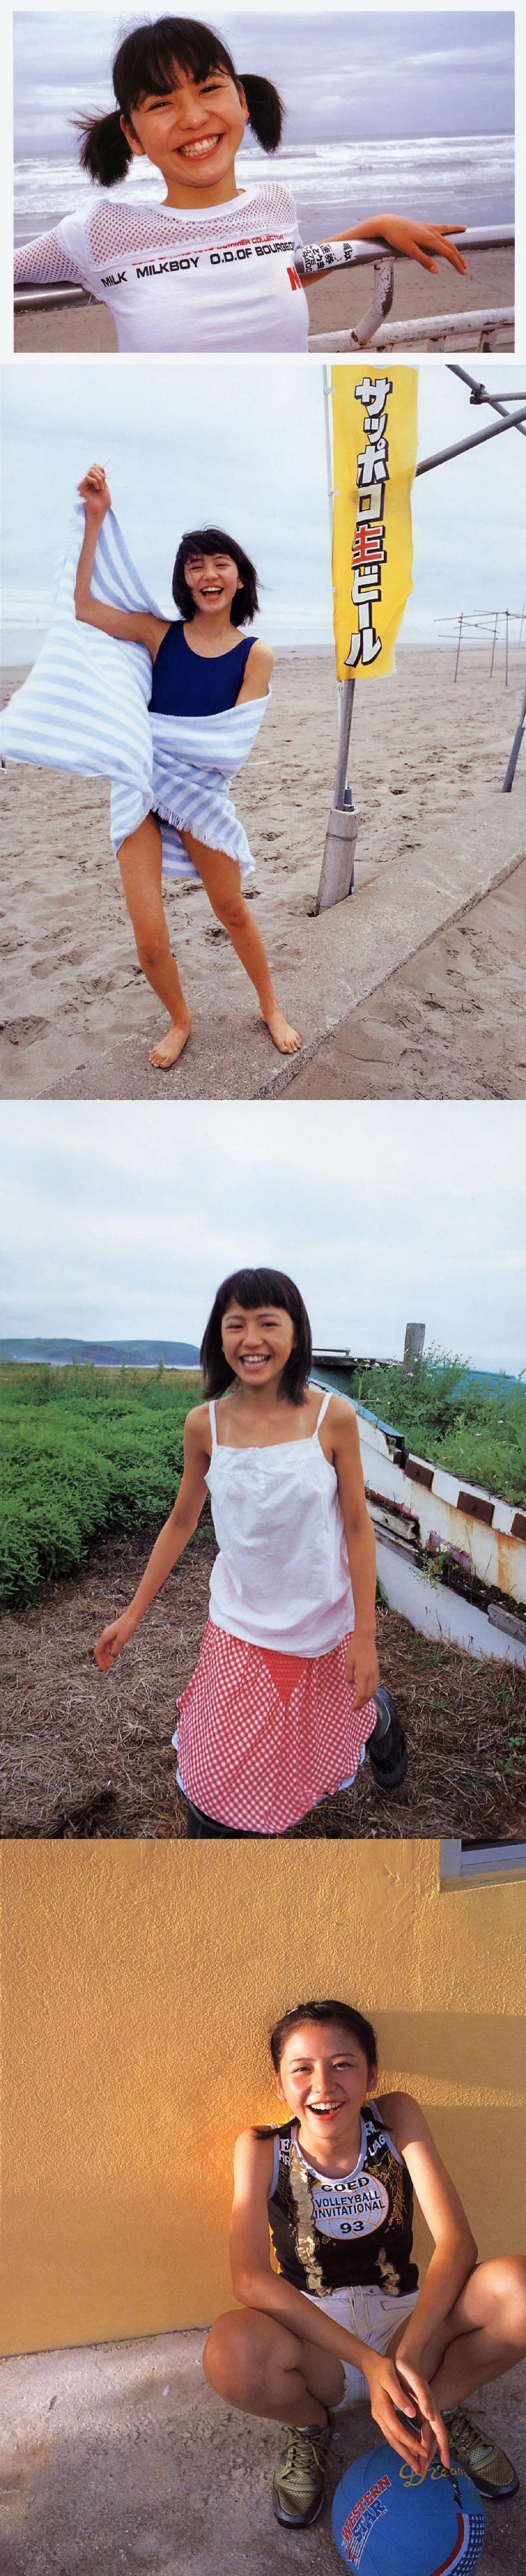 长泽雅美 14岁写真集_图片 No.4